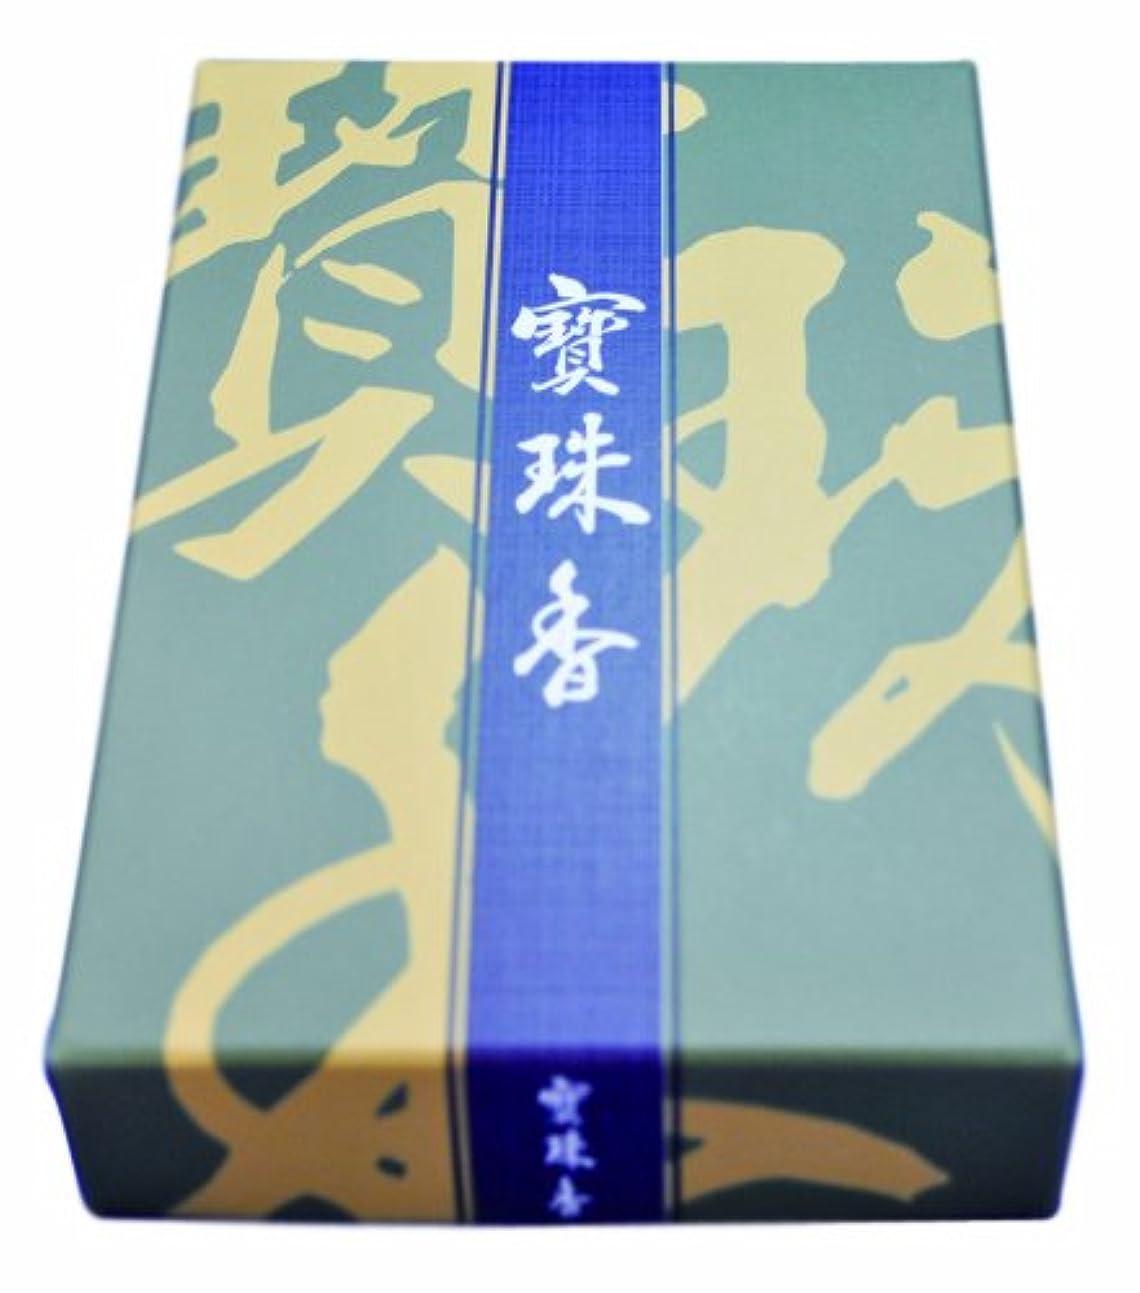 ポスター無知ためにお線香 寳珠香 短寸バラ詰 約42g シャム沈香の香り